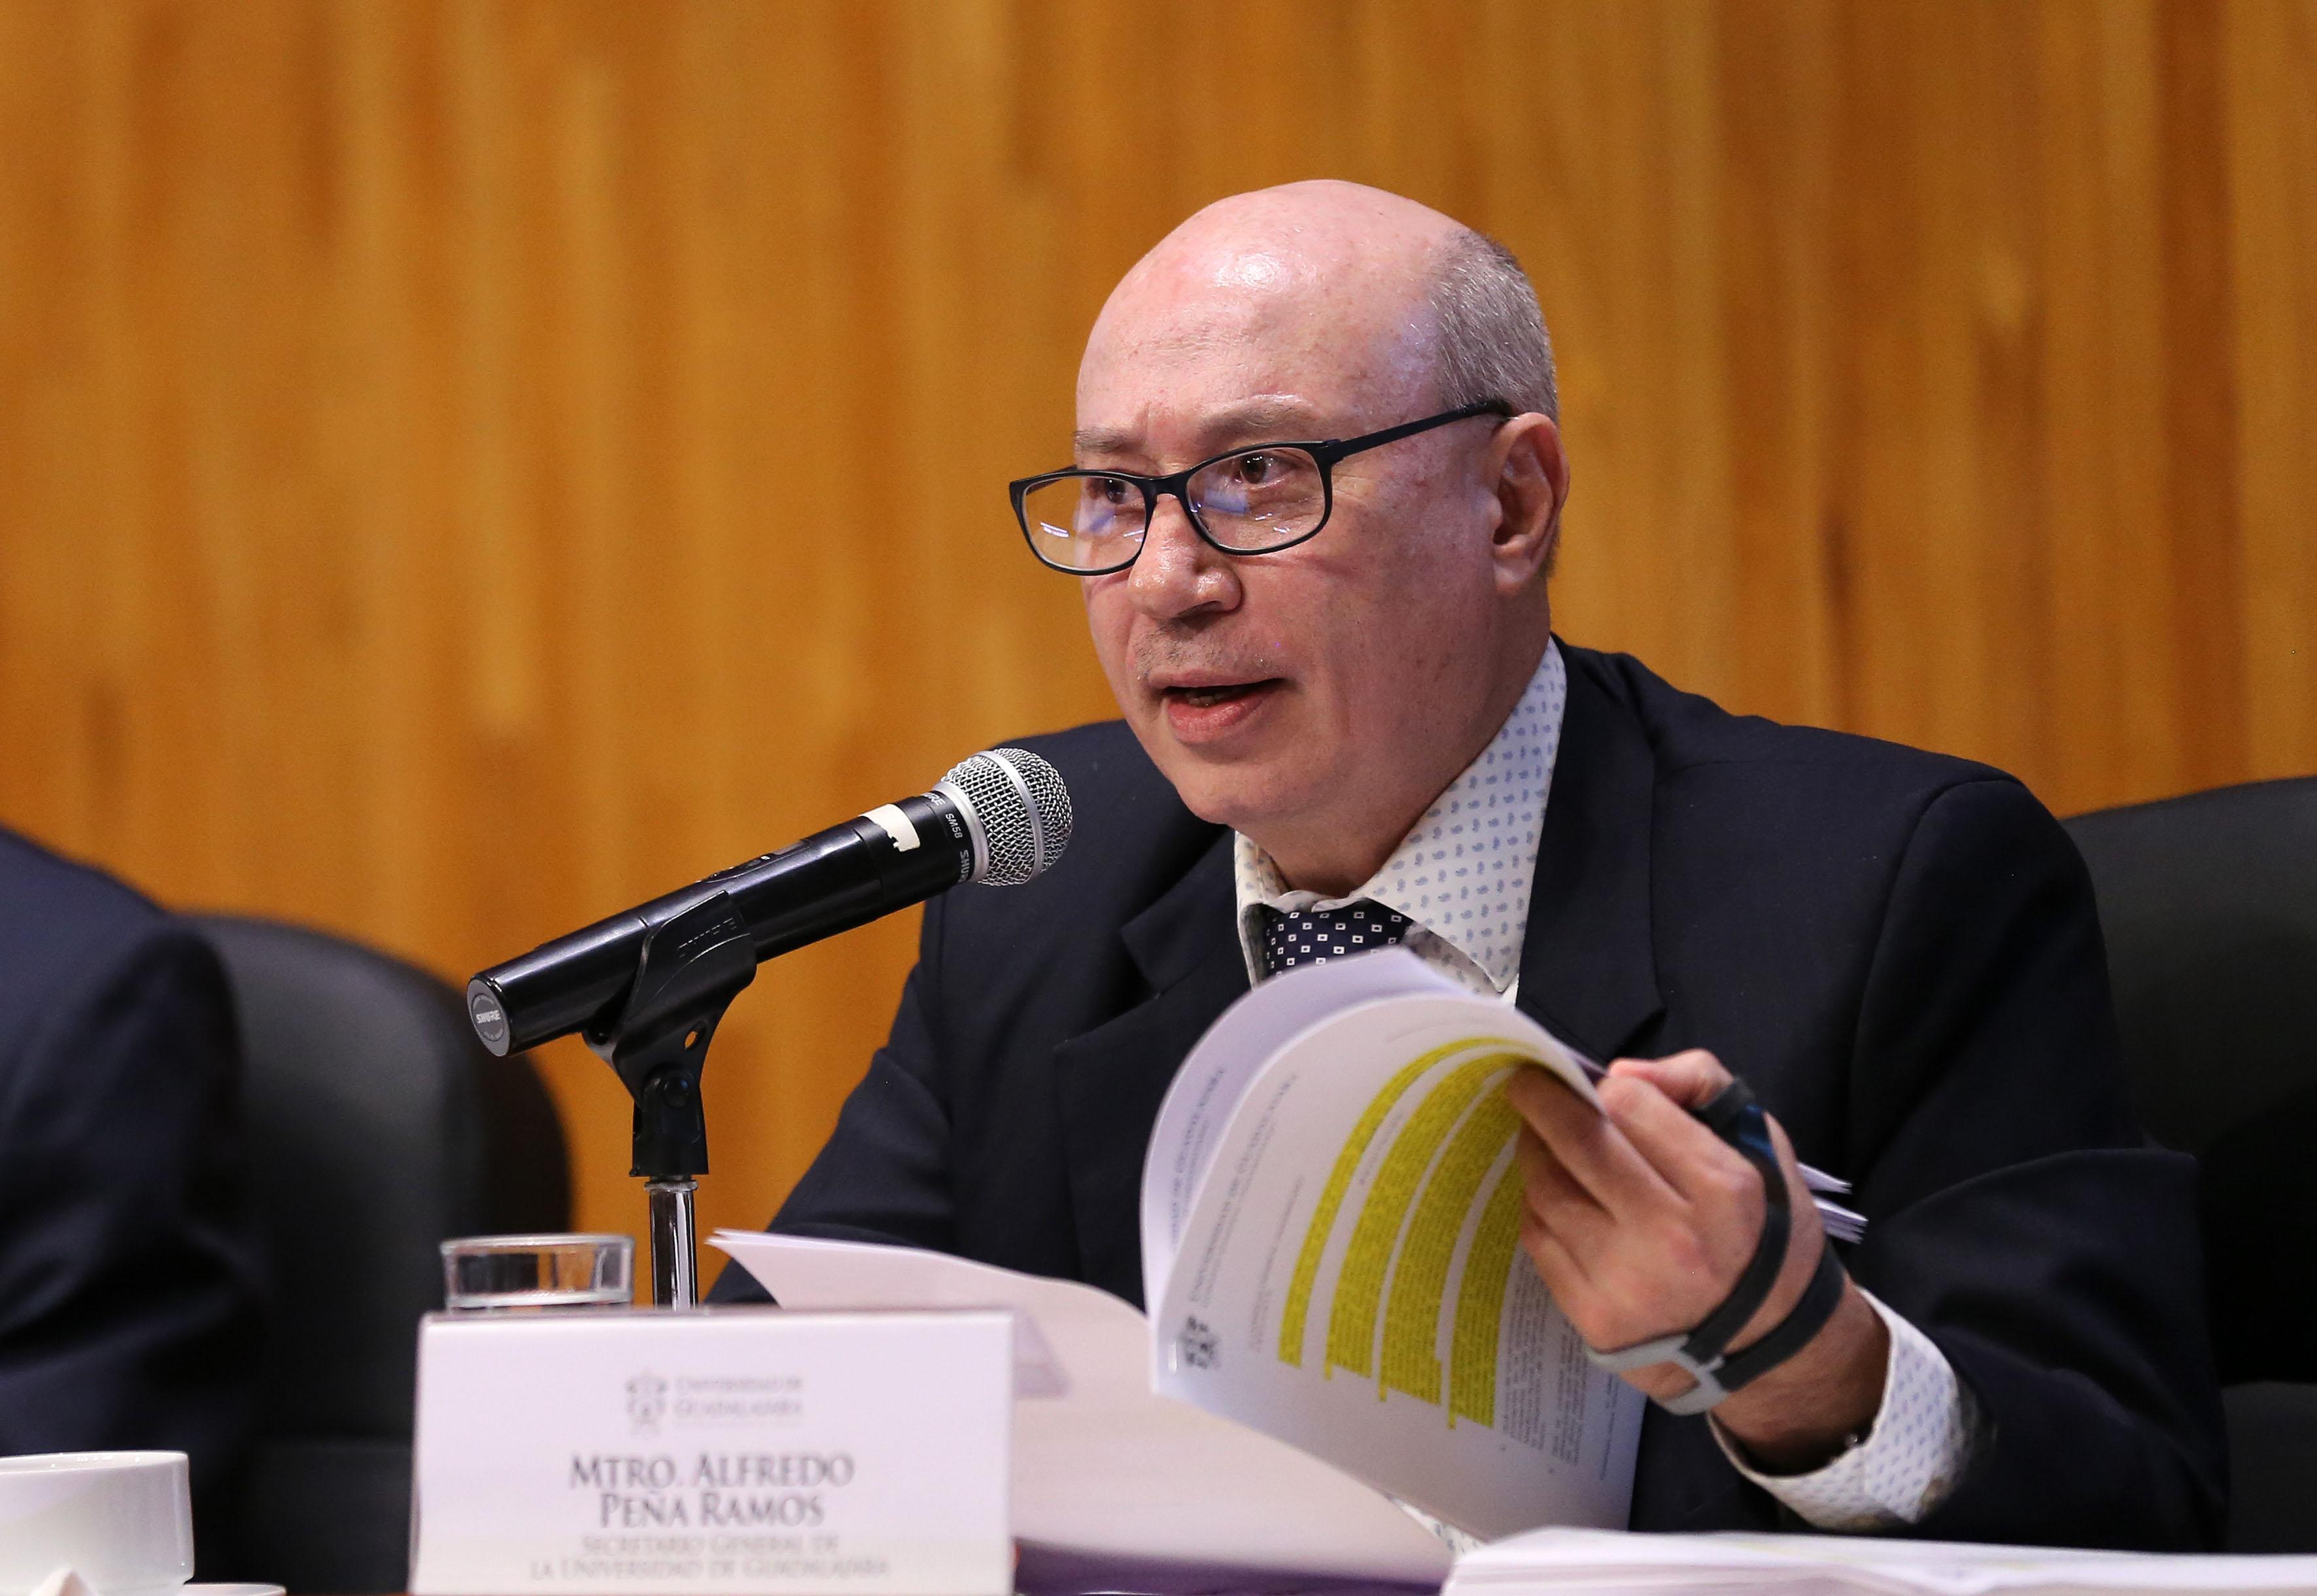 Mtro. Alfredo Peña Ramos participando en sesión extraordinaria